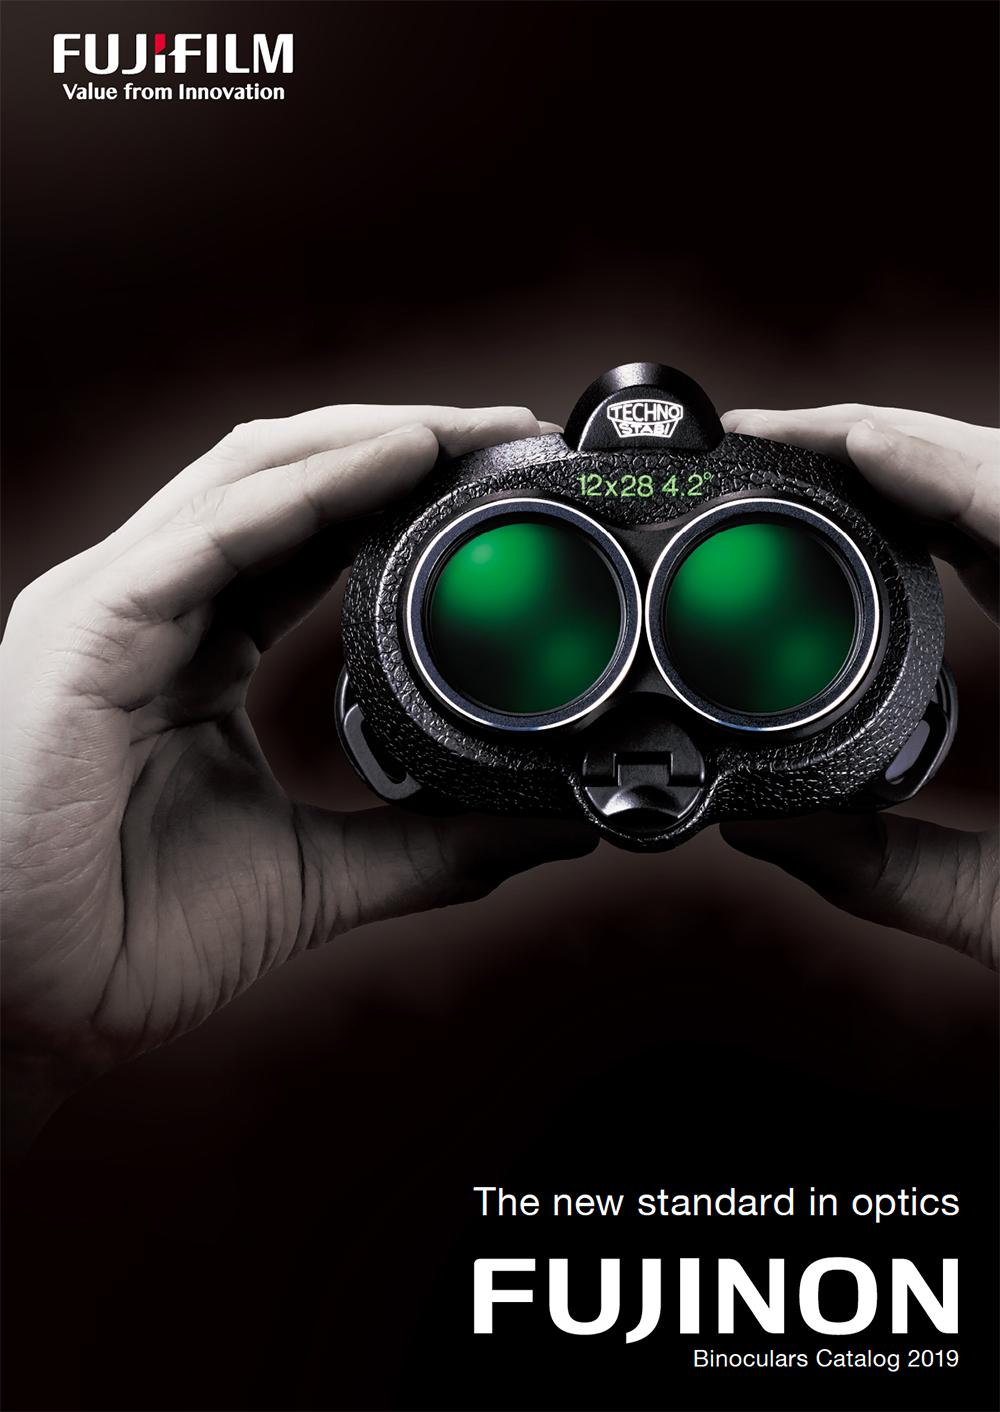 [사진] 다크 그린 렌즈를 장착한 쌍안경을 손으로 들고 있는 모습